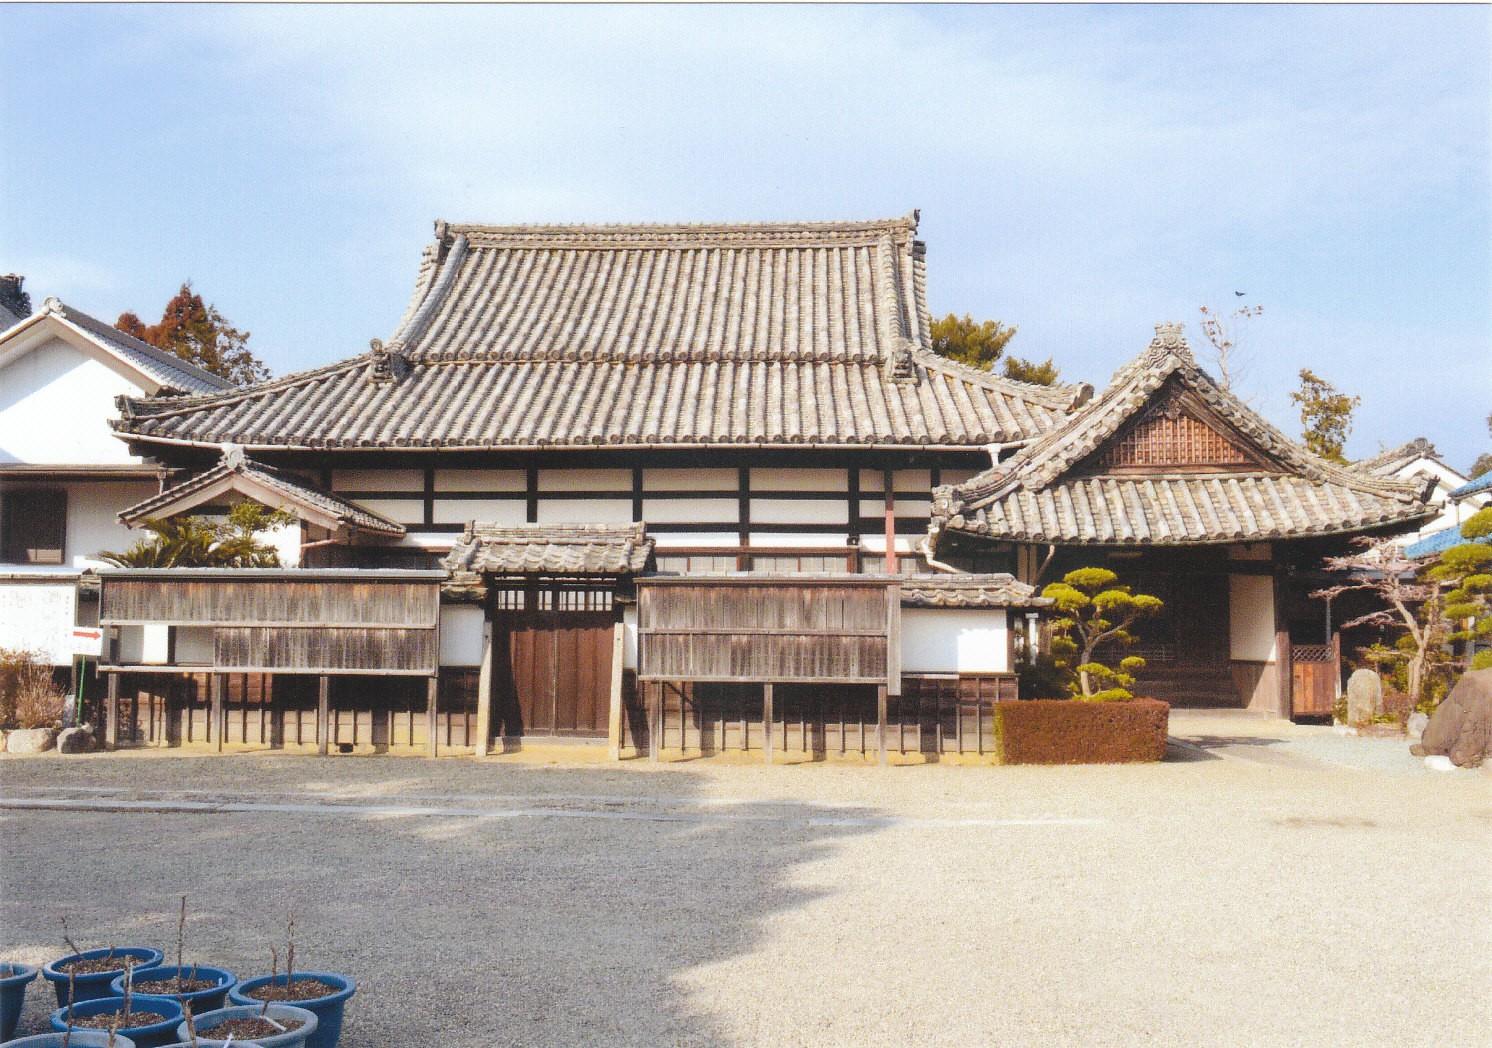 朝田寺客殿(書院)